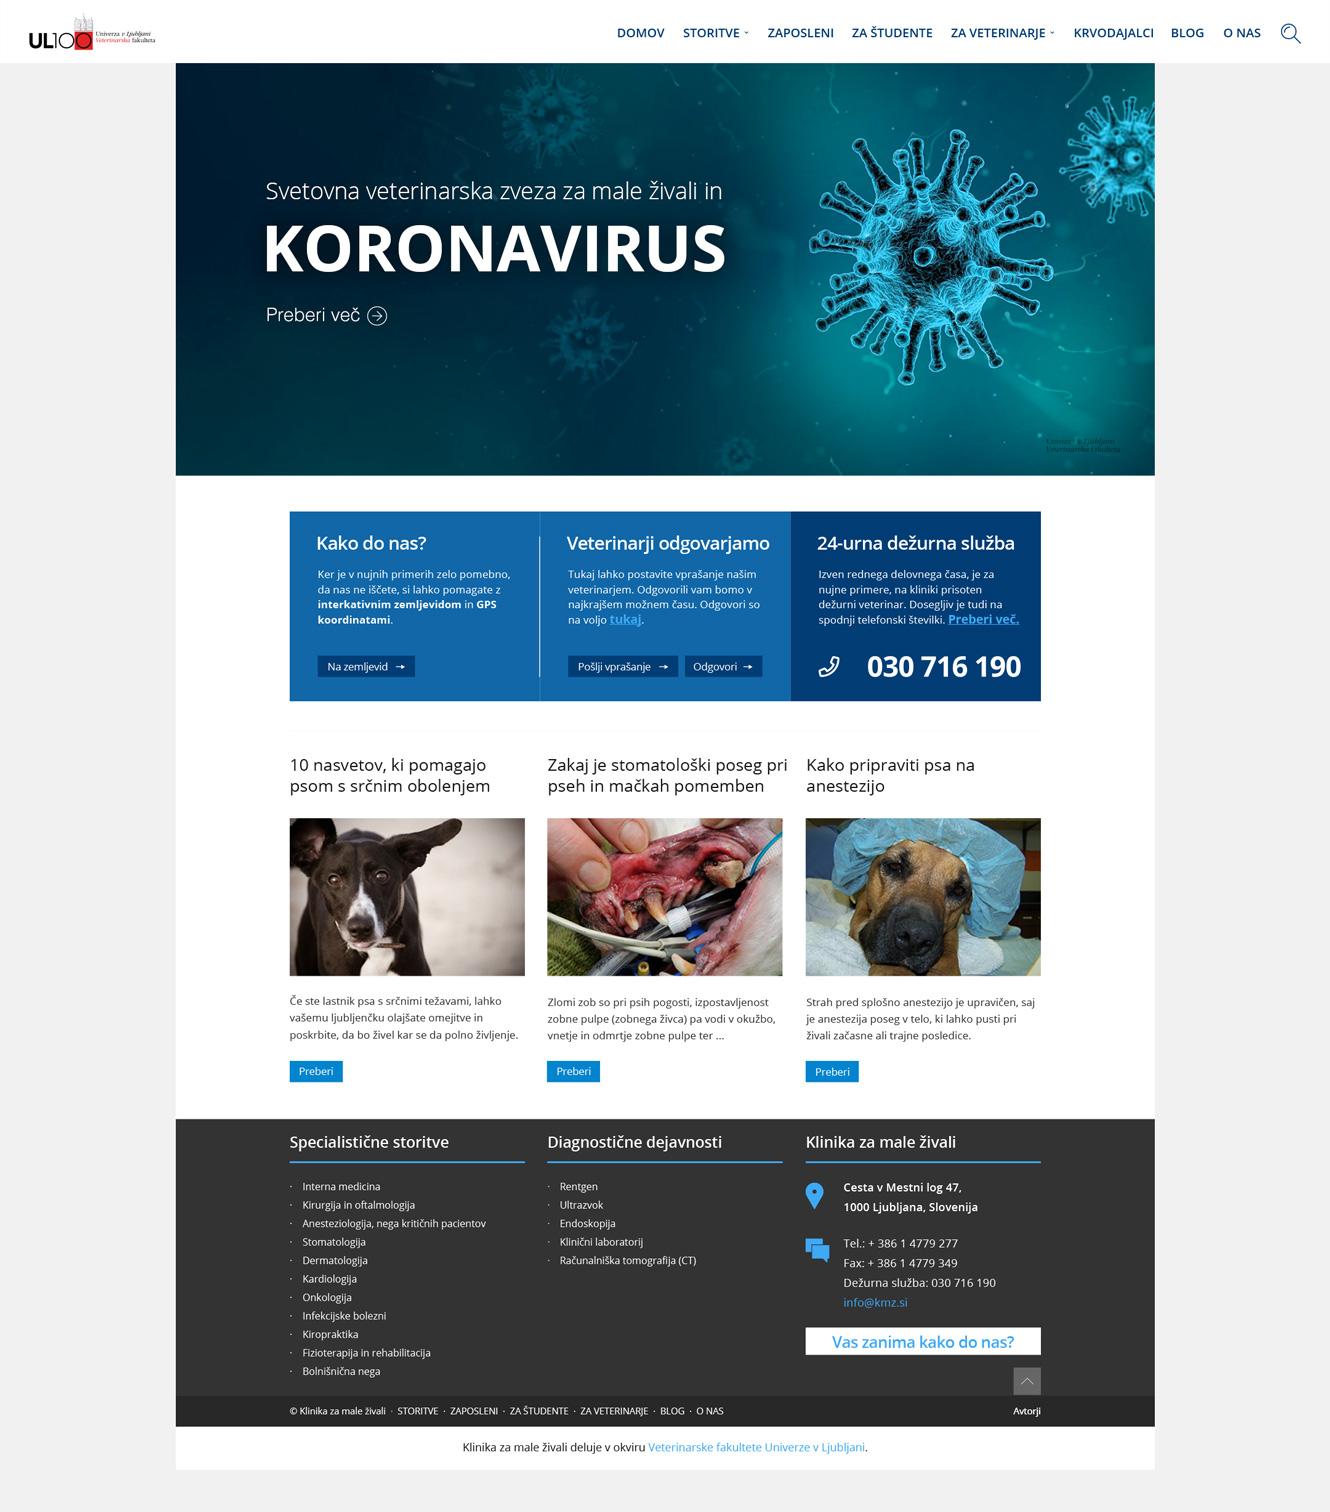 Klinika za male živali - spletna stran